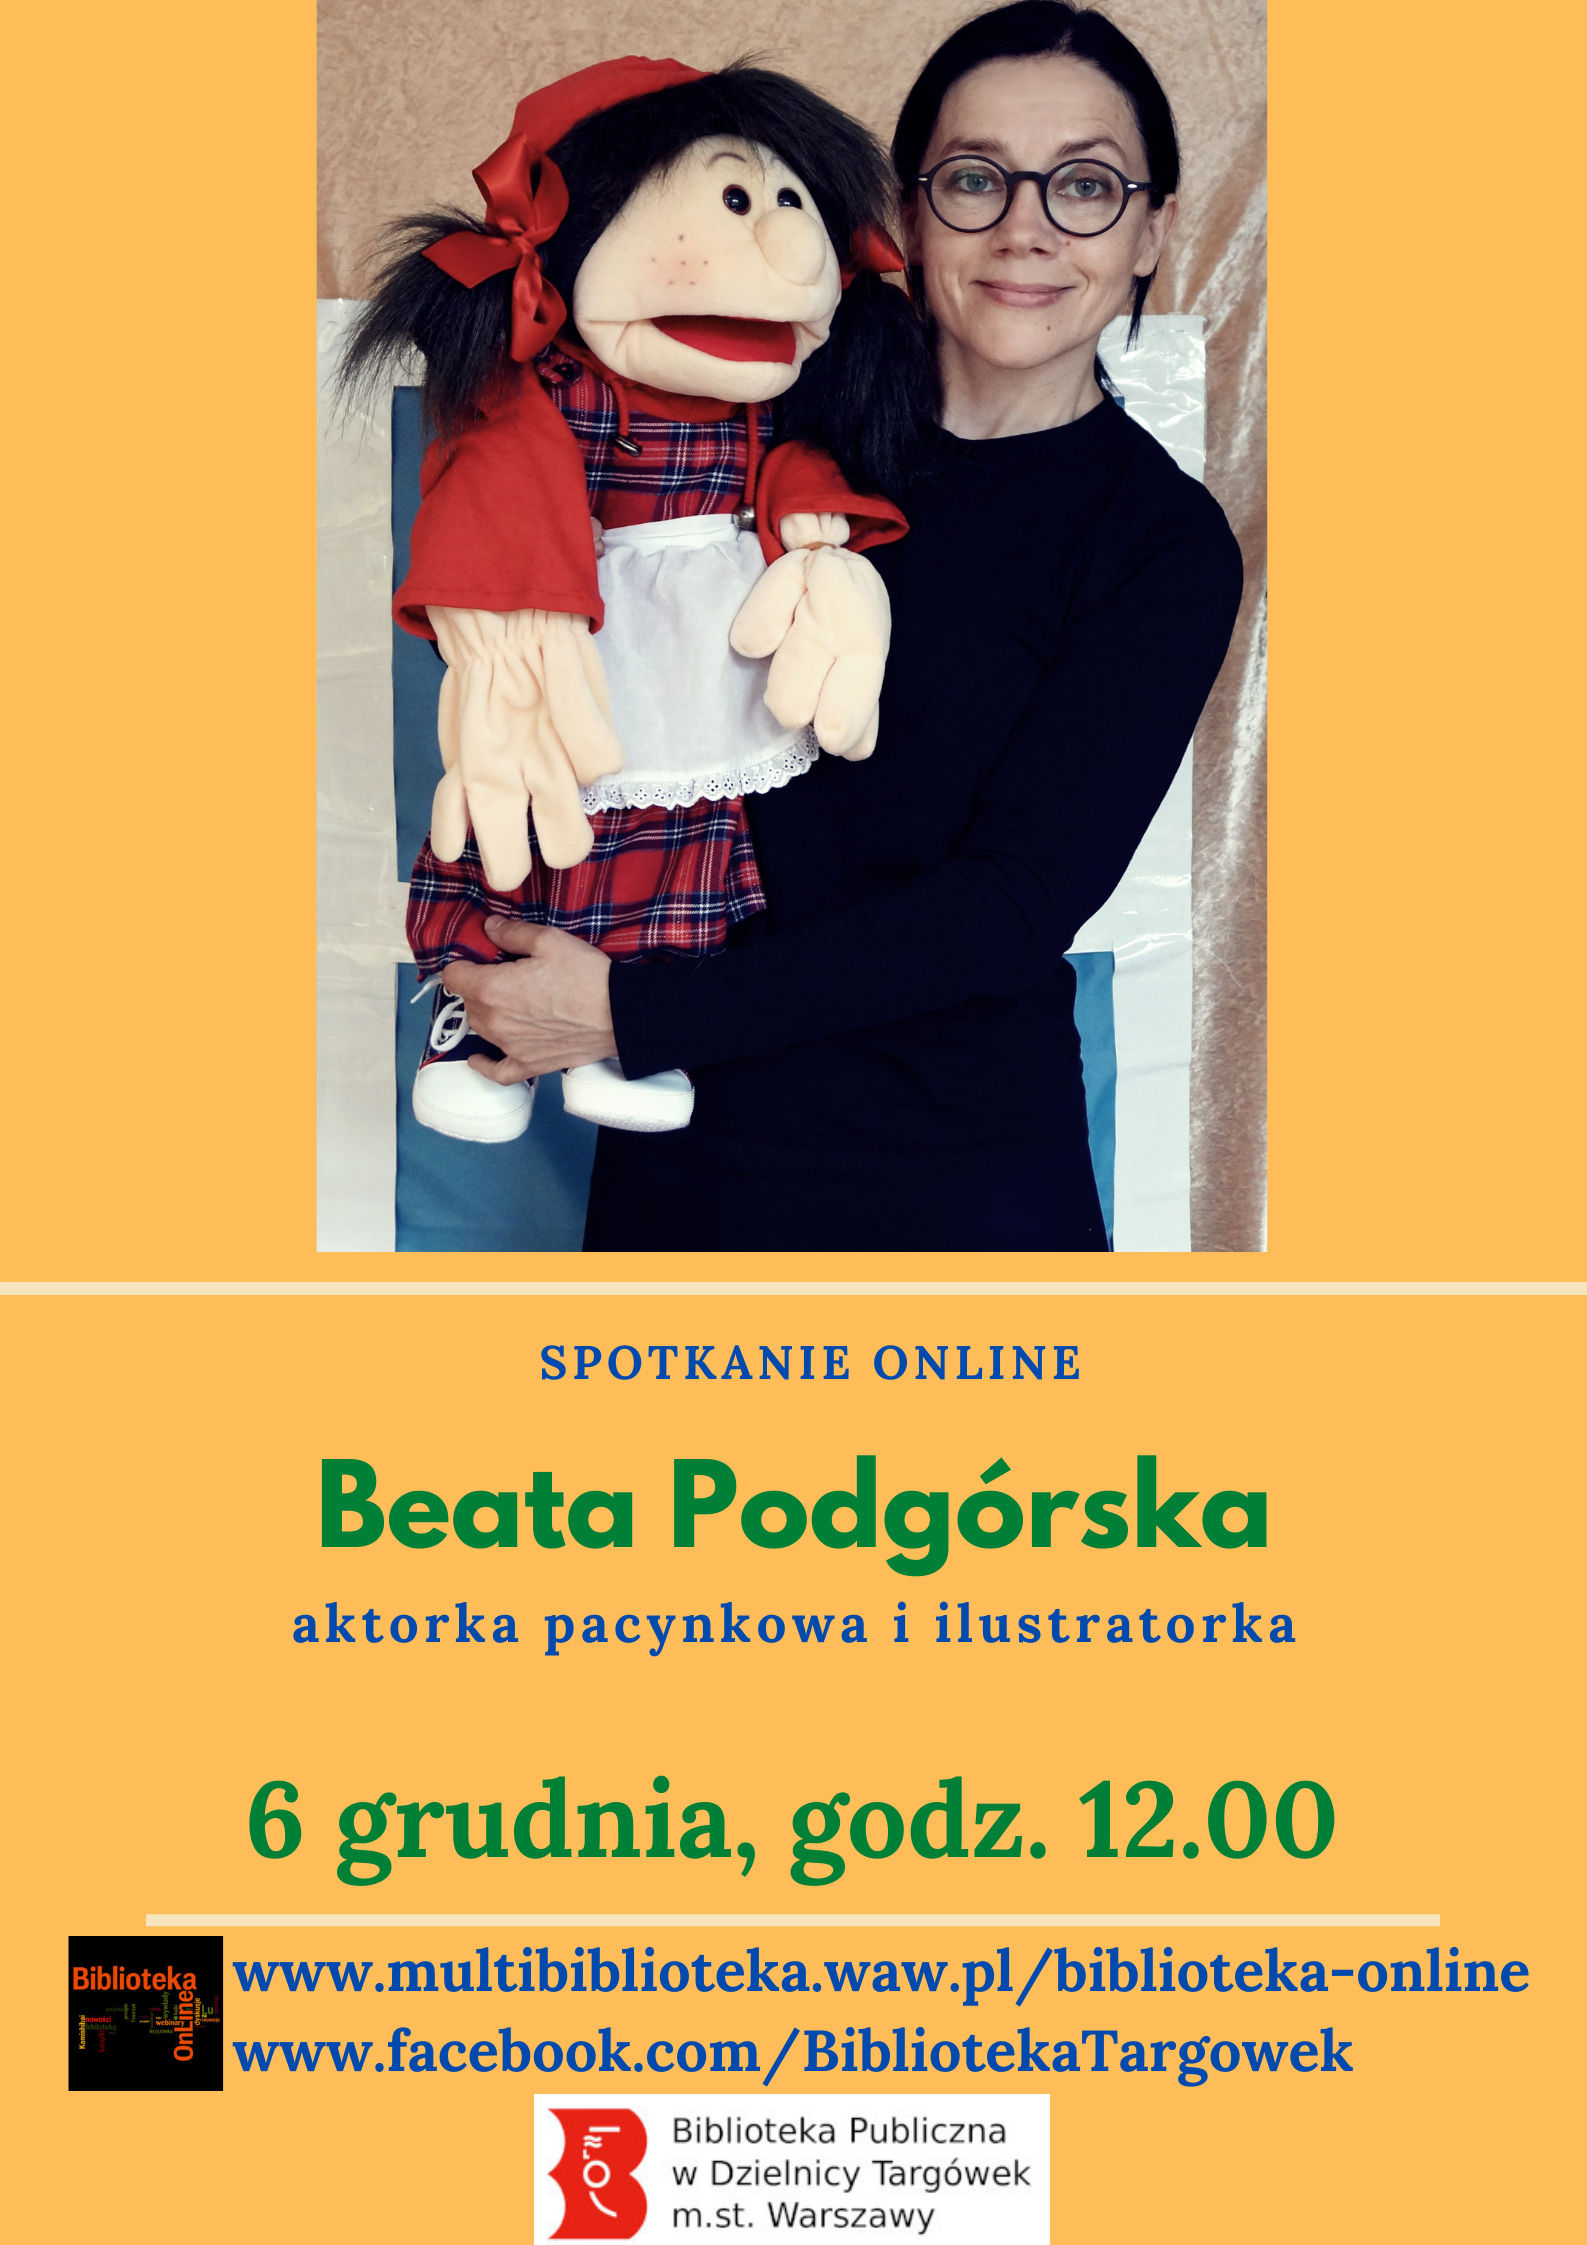 plakat - spotkanie online z Beatą Podgórską